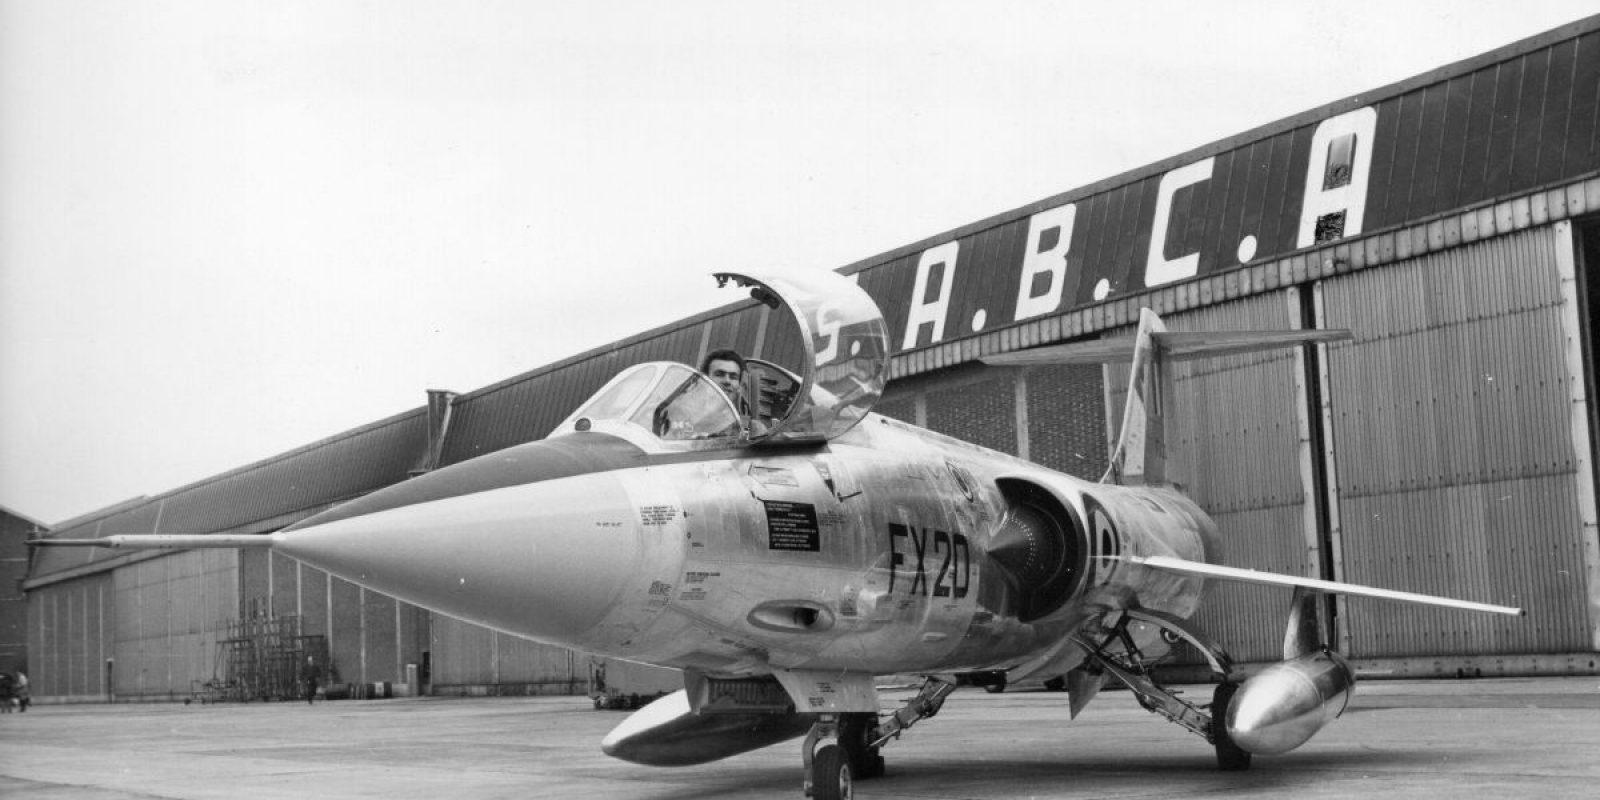 Le 30 octobre 1963, le FX-20 flambant neuf fait l'objet d'une séance photo avec le légendaire pilote Bernard Neefs. L'homme au « casque d 'argent » est un pilote d'exception, très connu et populaire. Il a été « prêté » par son employeur Fairey à la SABCA pour la durée du programme F-104G. Il décèdera à 35 ans lors d'un accident d'avion à Gênes en Italie le 7 novembre 1965.